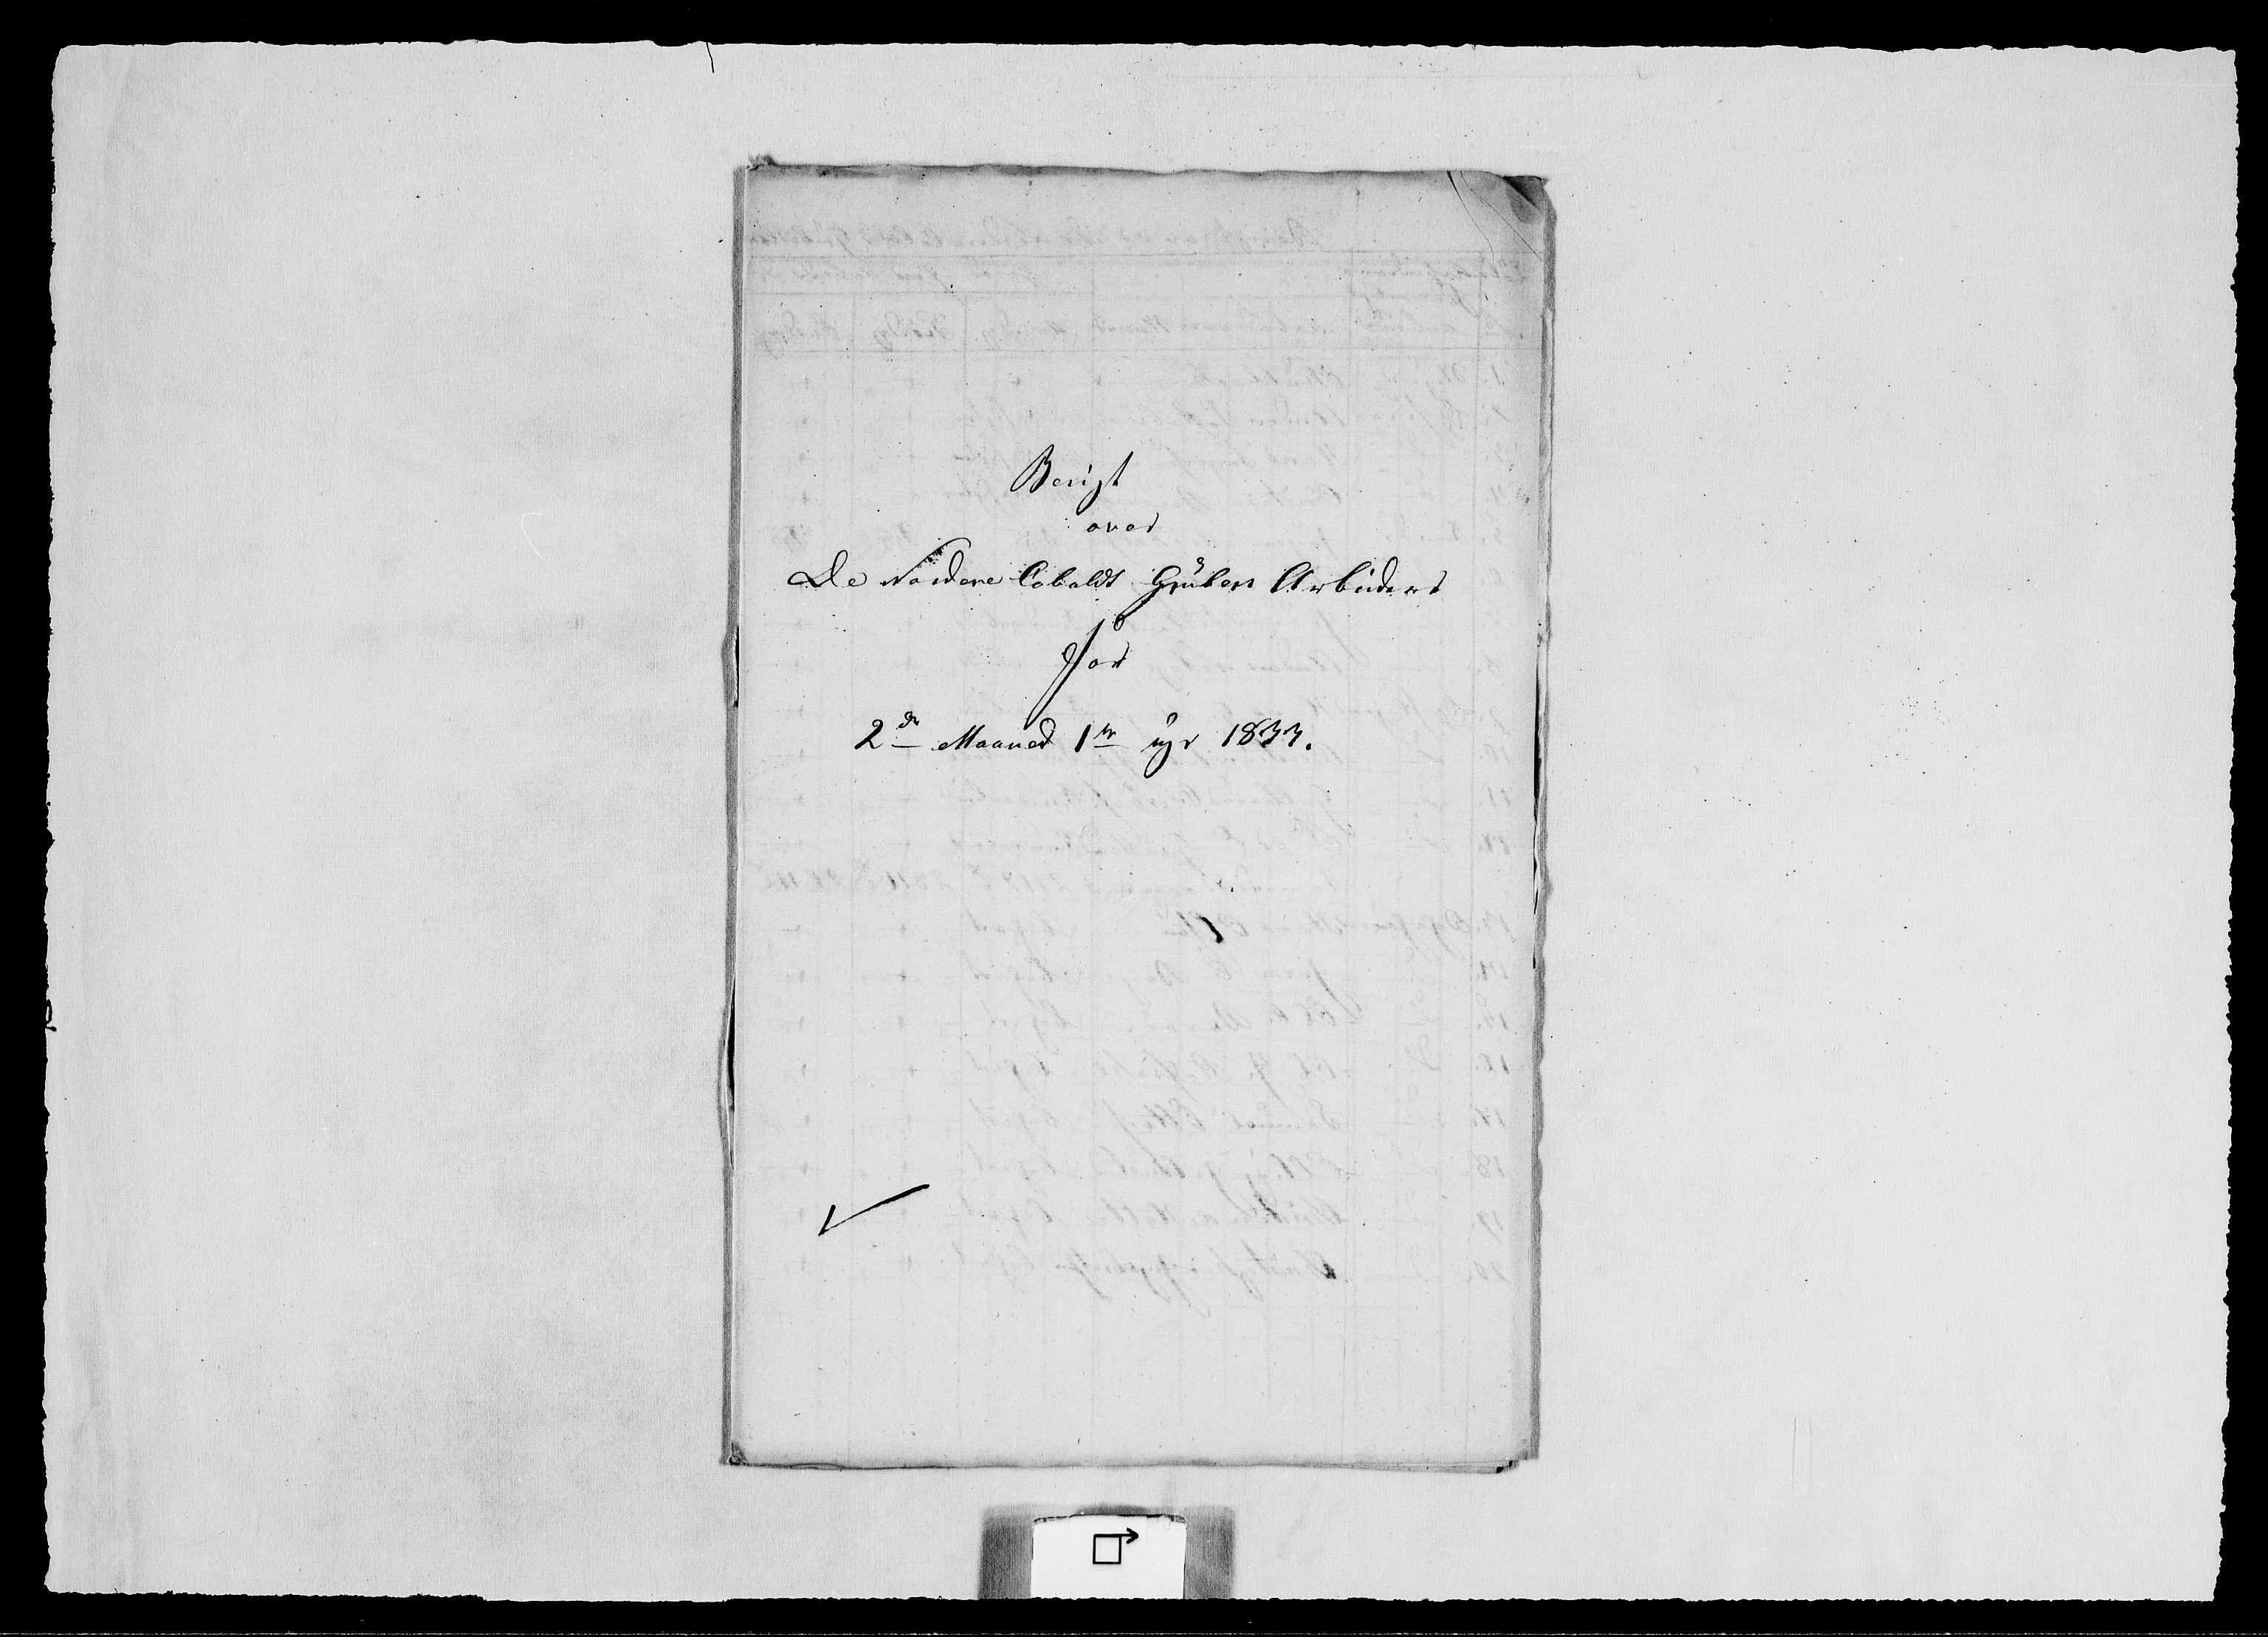 RA, Modums Blaafarveværk, G/Ge/L0342, 1833, s. 2